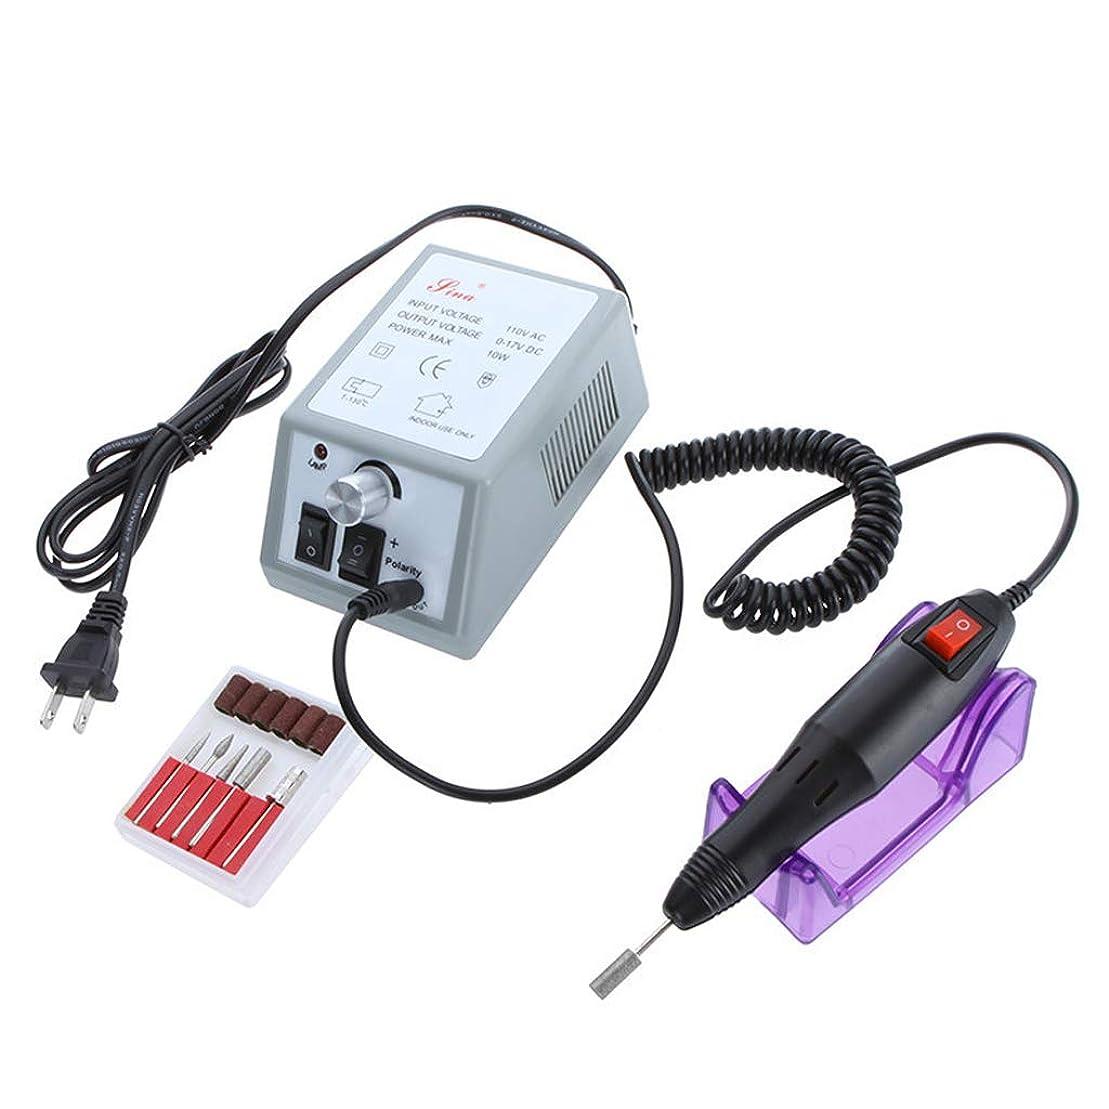 売る禁止する規模電気ネイルドリルファイルマシンマニキュアペディキュアキット、20000ターンジェルネイルキュア